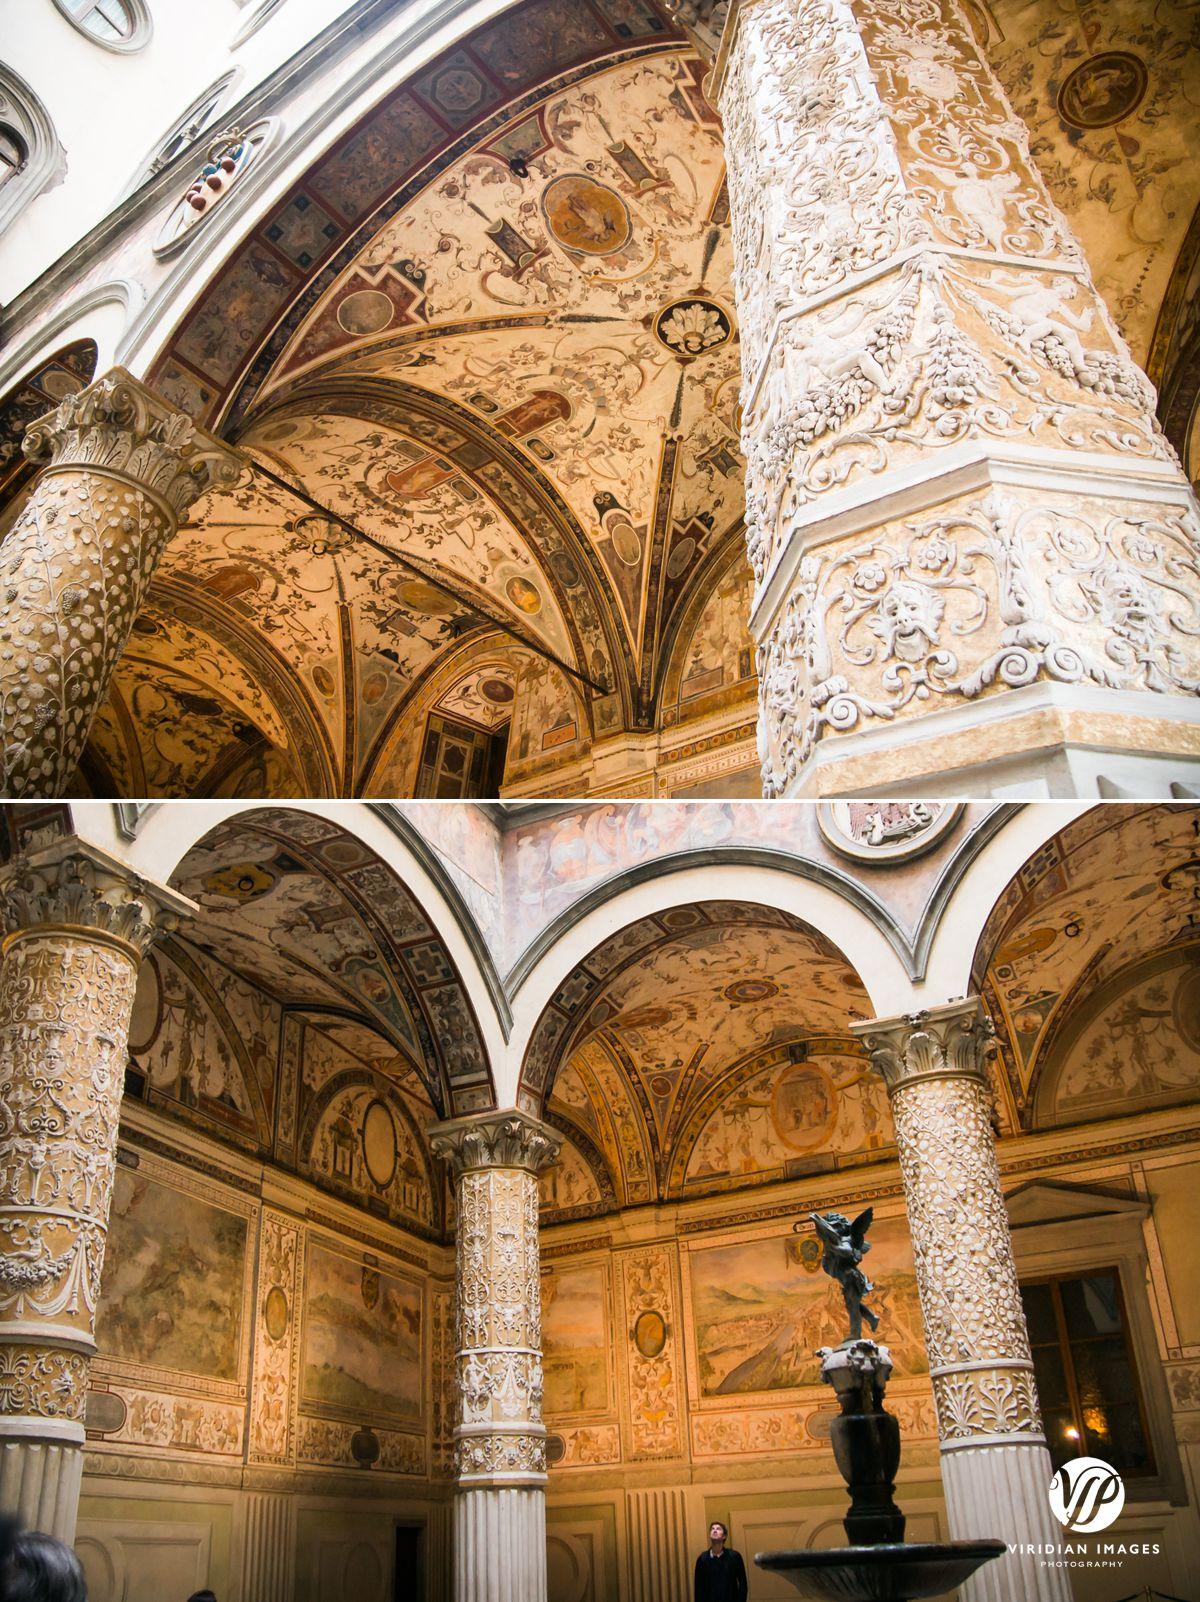 Italy-Tuscany-Florence-Palazzo-Vecchio-Viridian-Images-Photography-photo 22